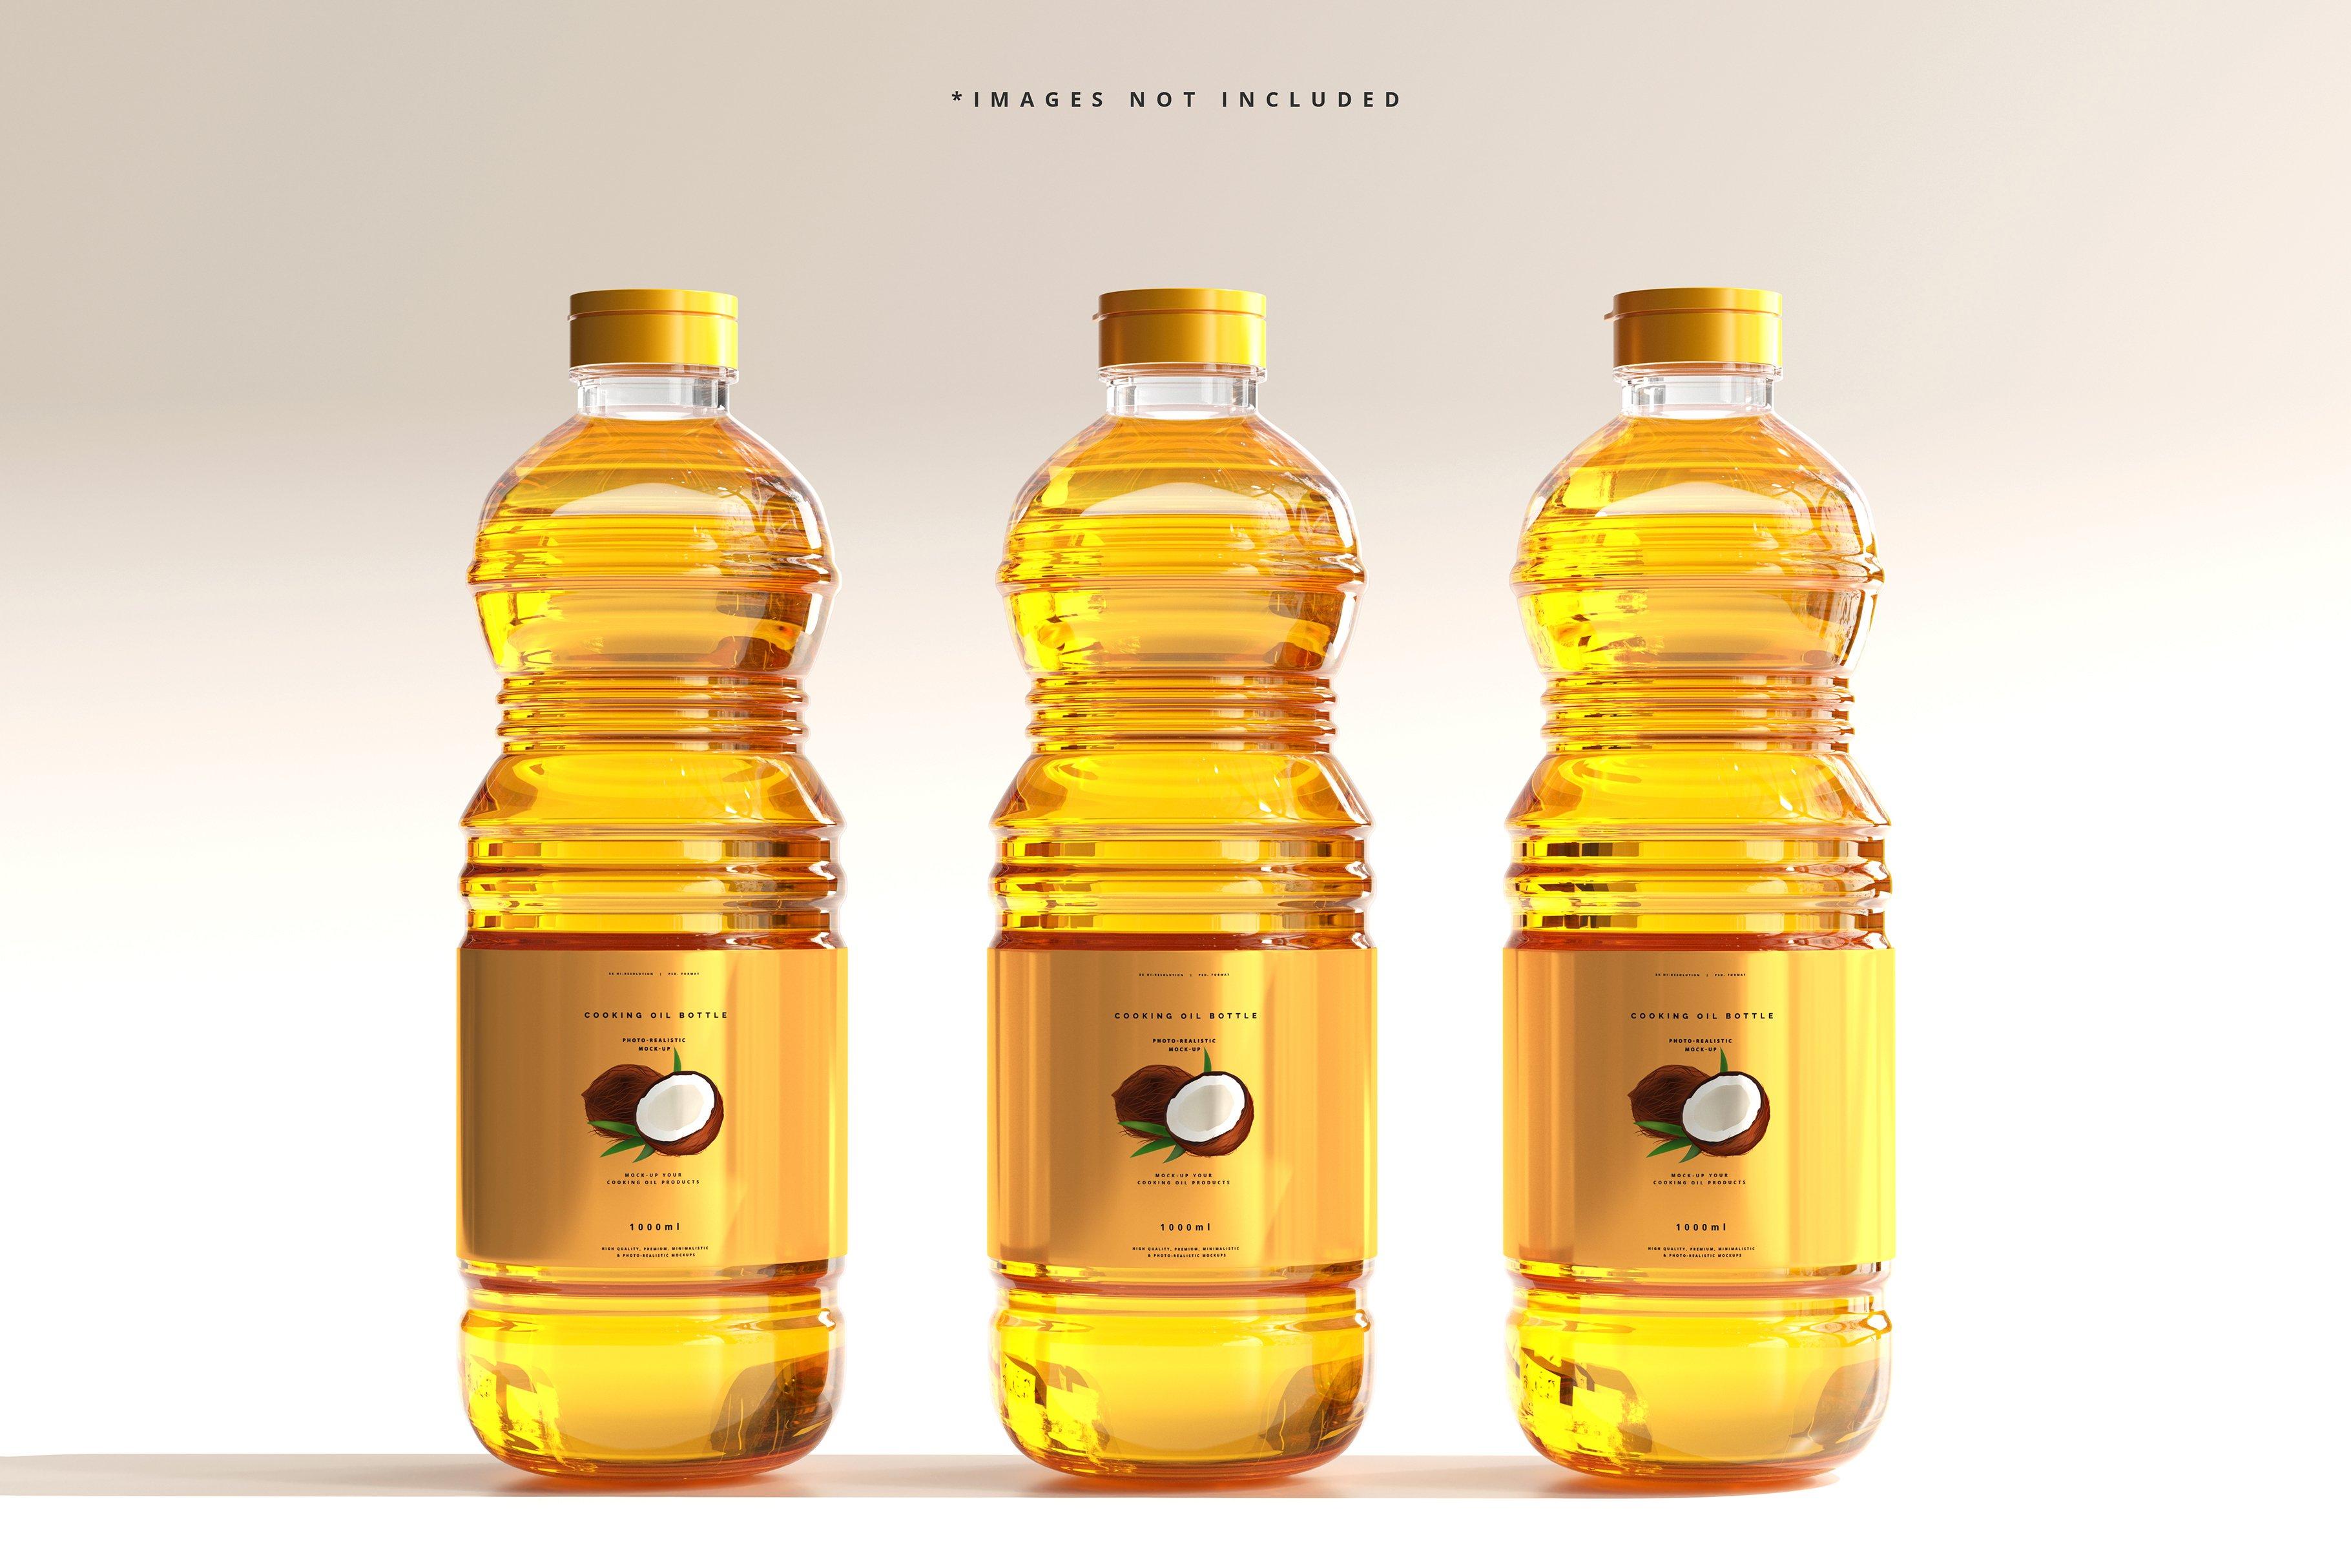 8款透明质感食用油塑料瓶设计展示贴图样机模板 Cooking Oil Bottle Mockup插图2